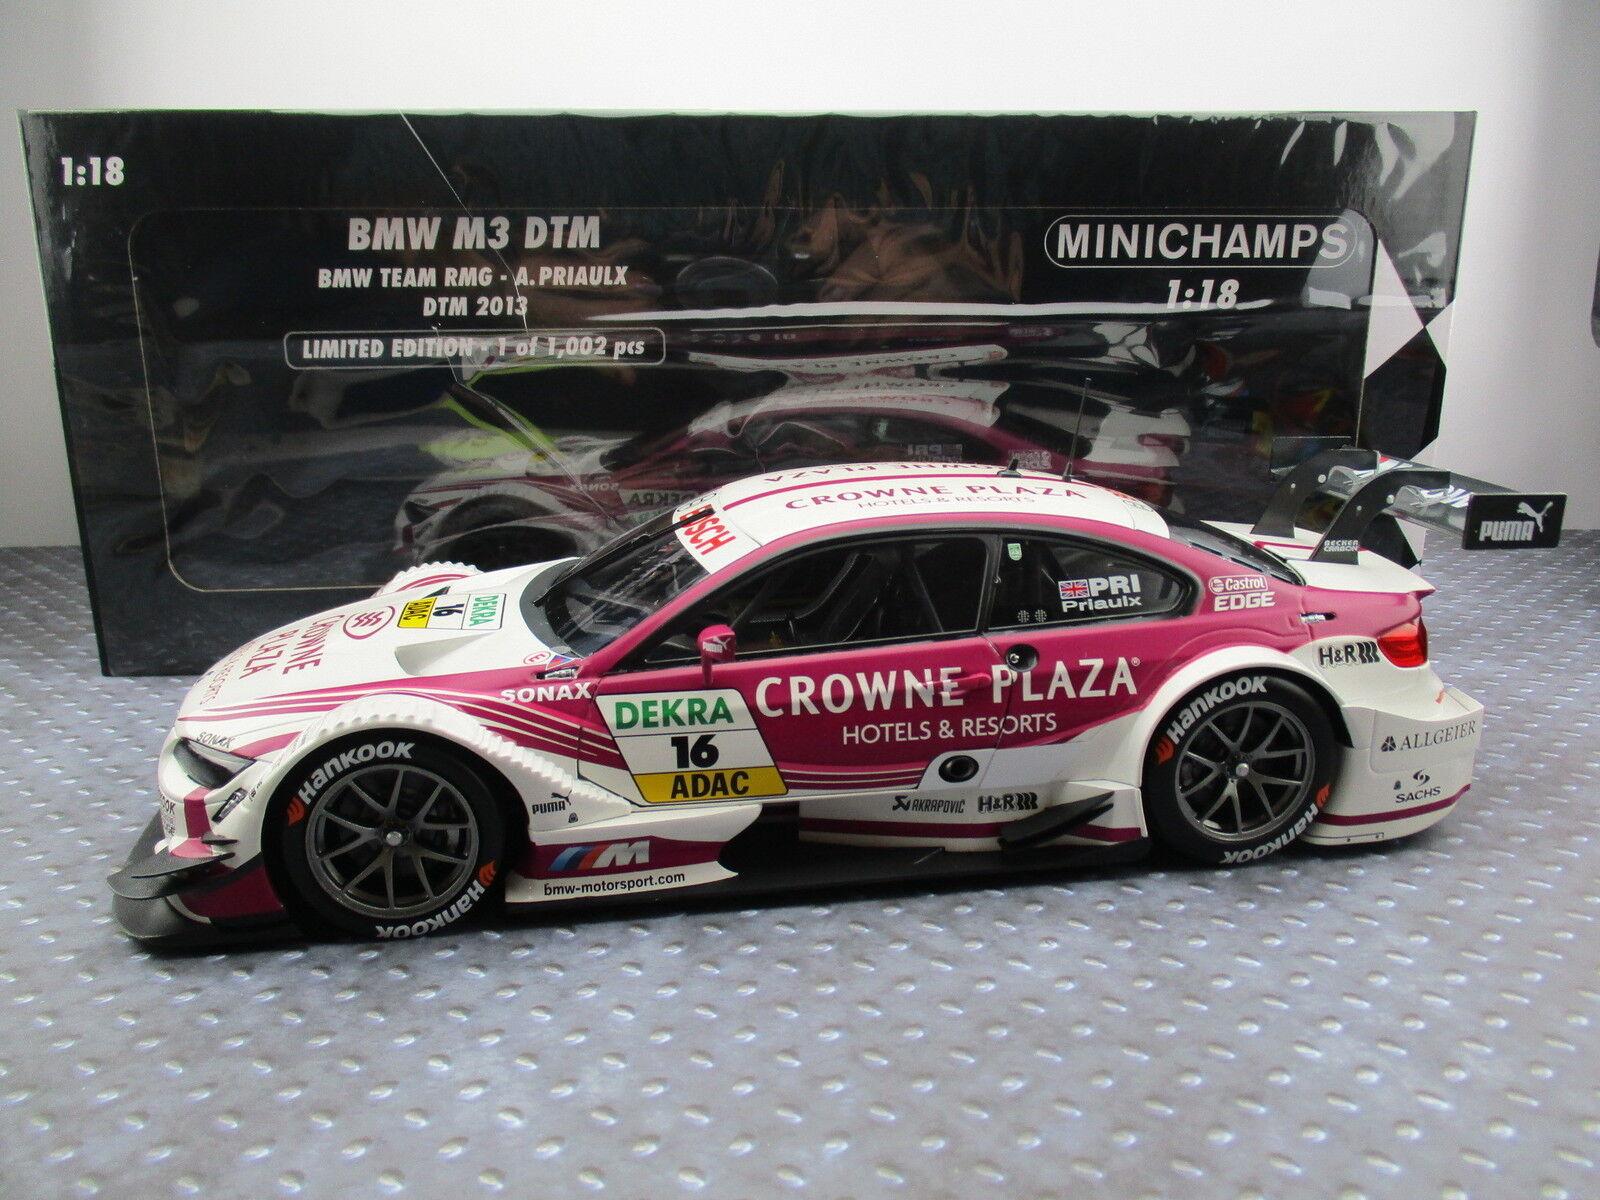 BMW m3 DTM DTM 2013 A. PRIAULX limitato a 1.002 pezzi Minichamps 1 18